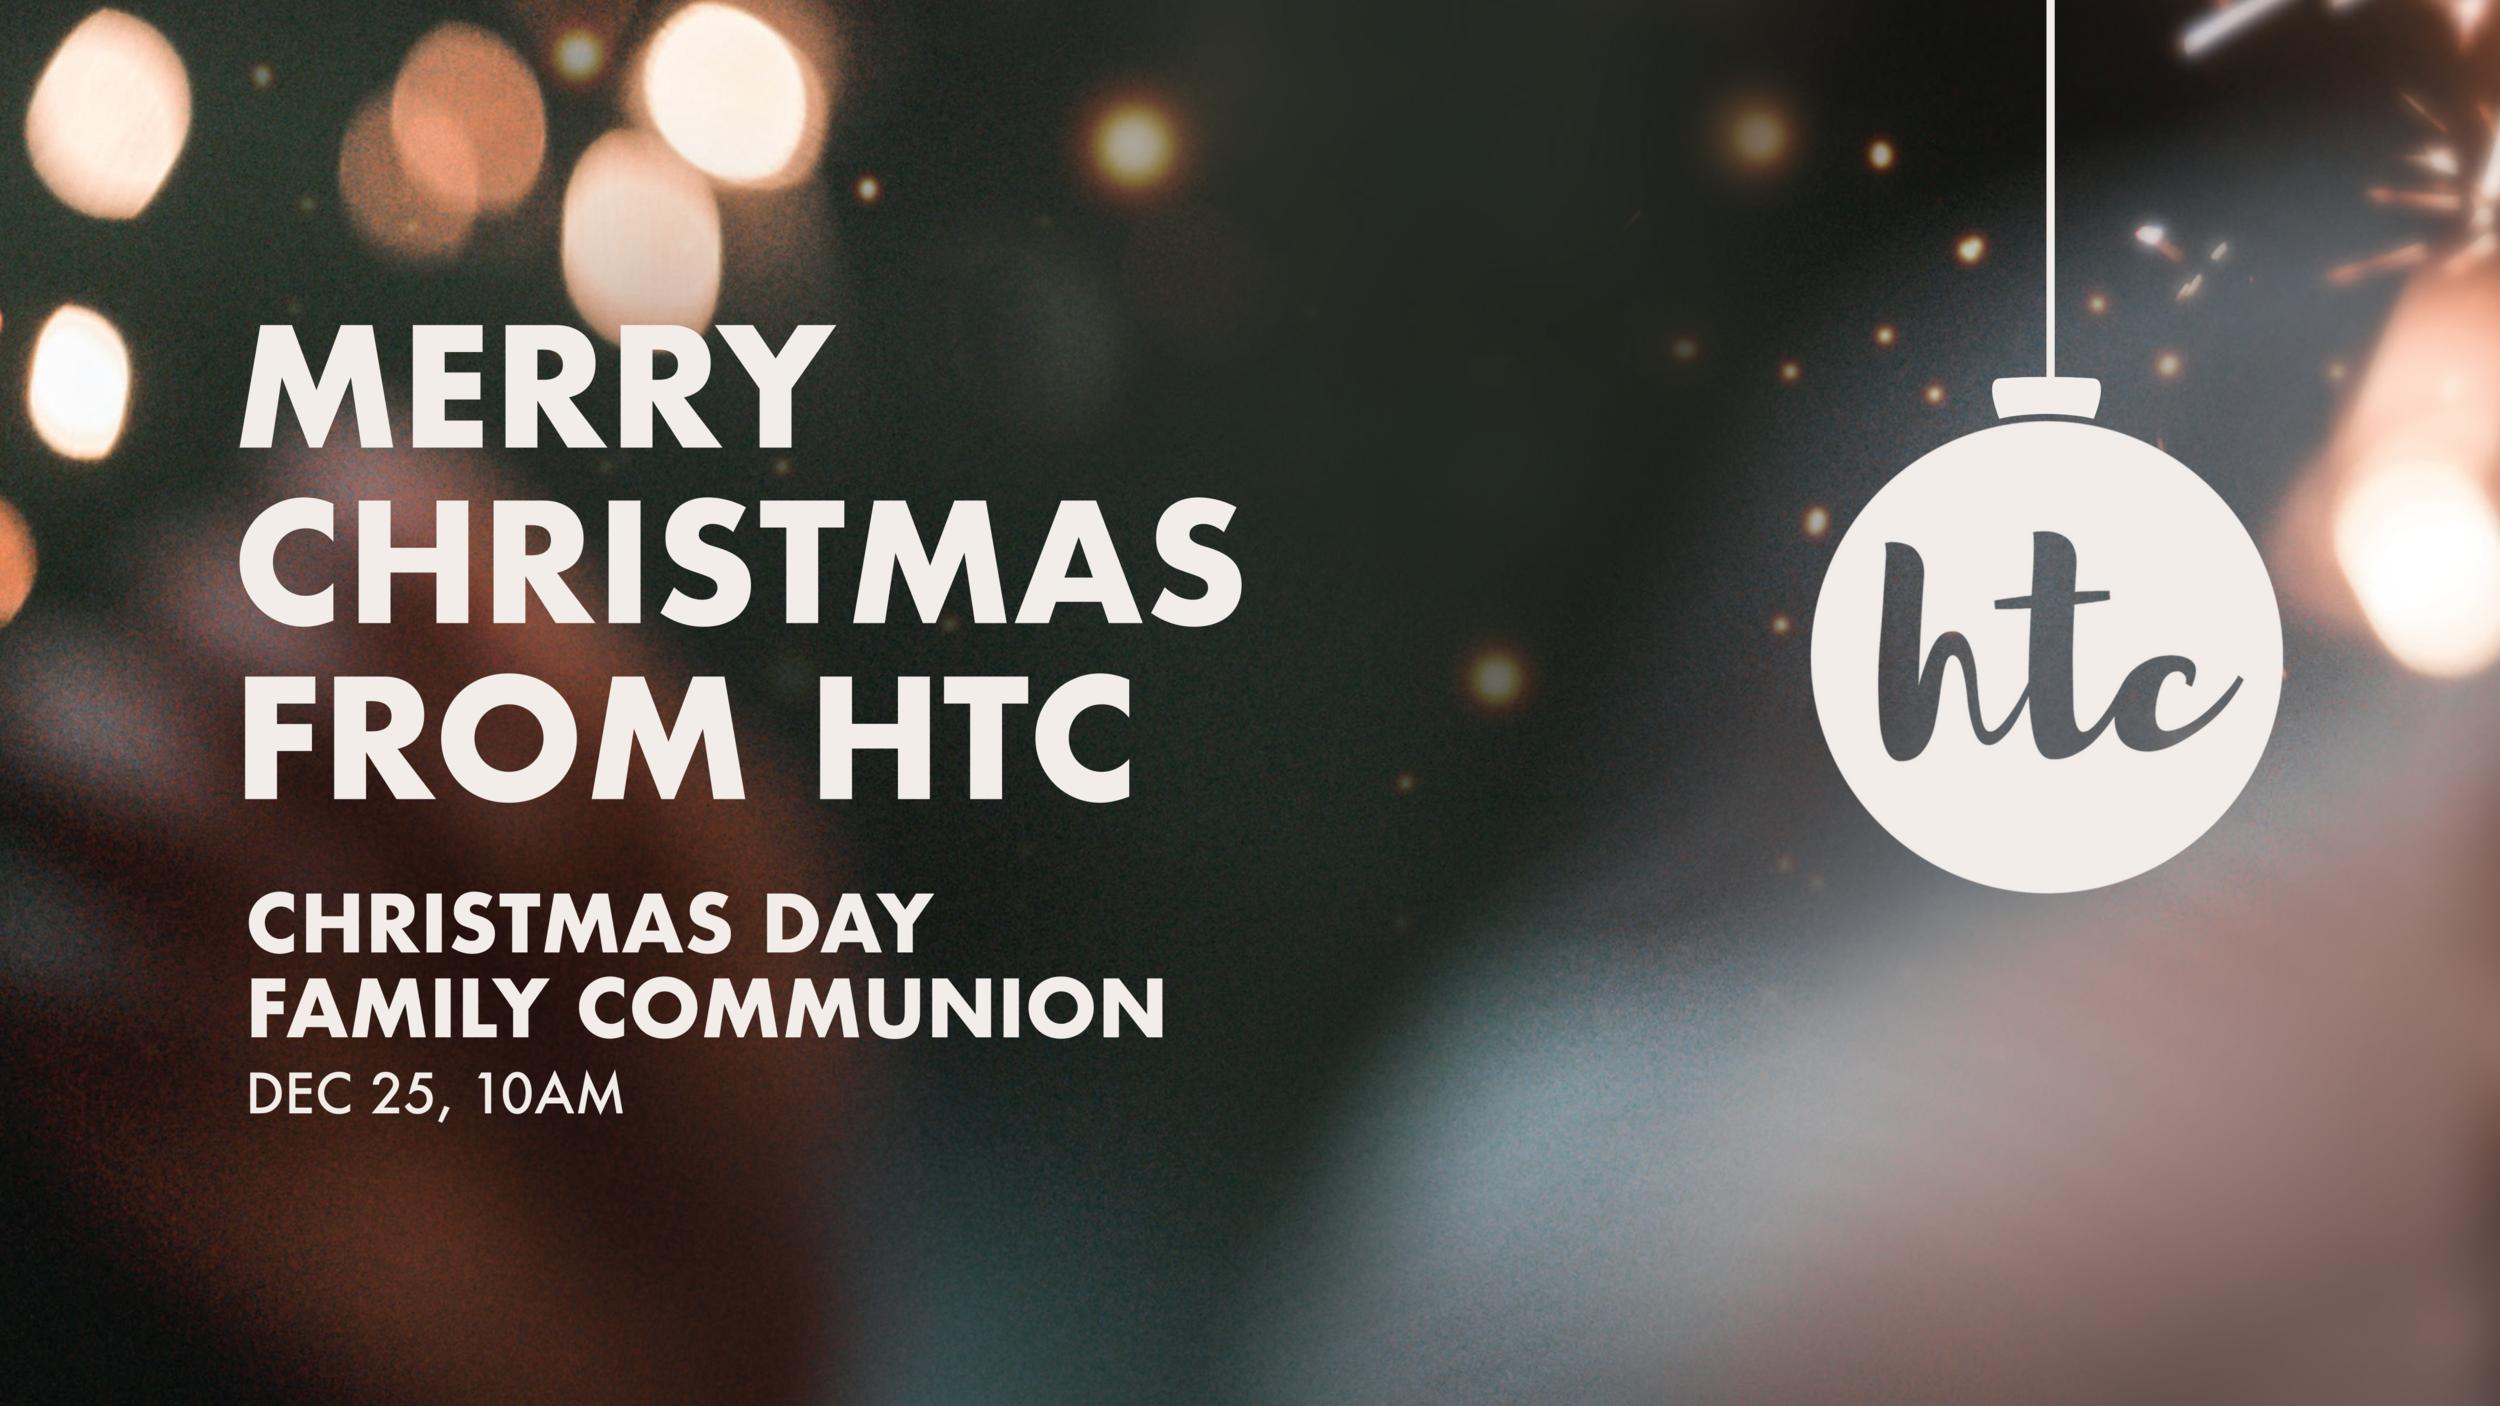 christmas day - 181028_HTC_Christmas-Screens-16-9_V03.0-9.png